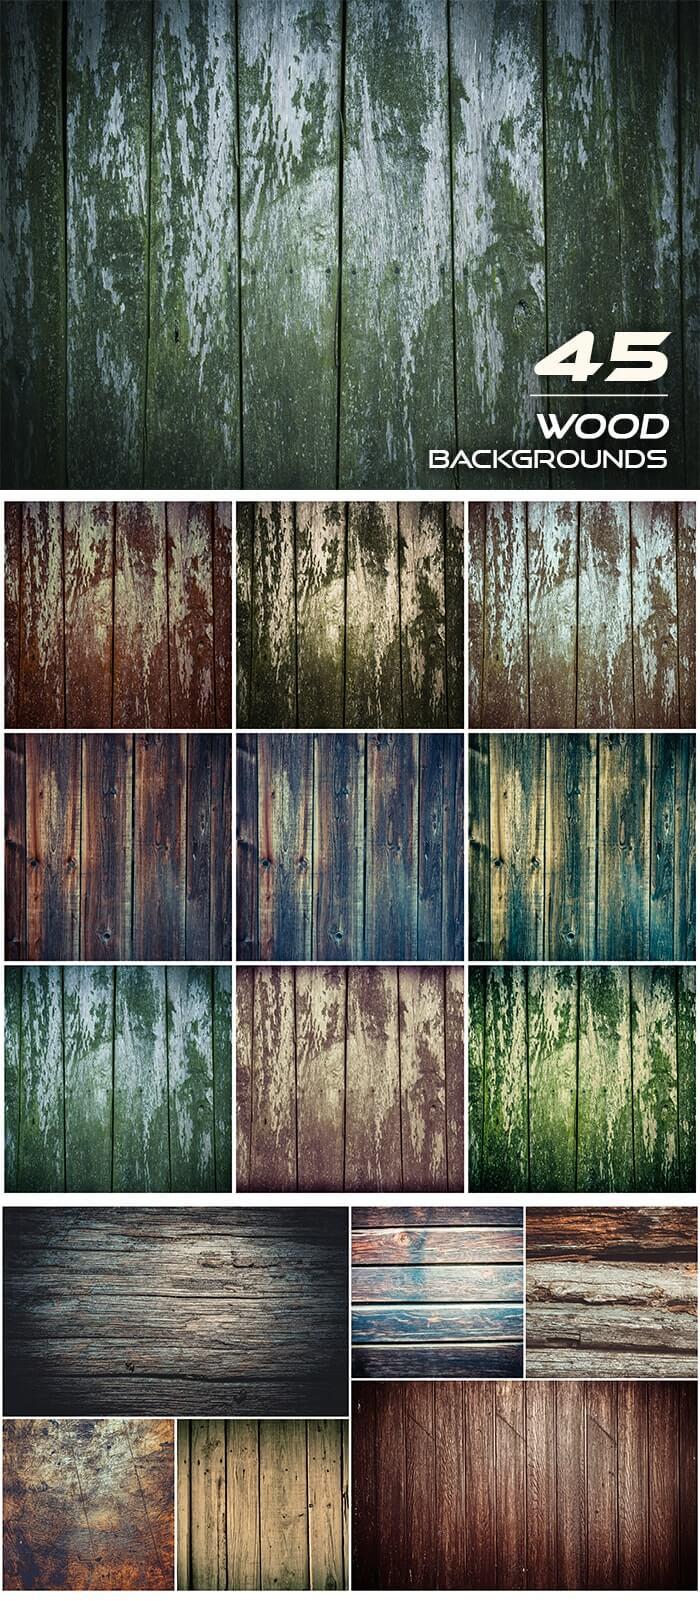 2000+ High Resolution Digital Backgrounds Bundle - $29 - 45 Wood Backgrounds